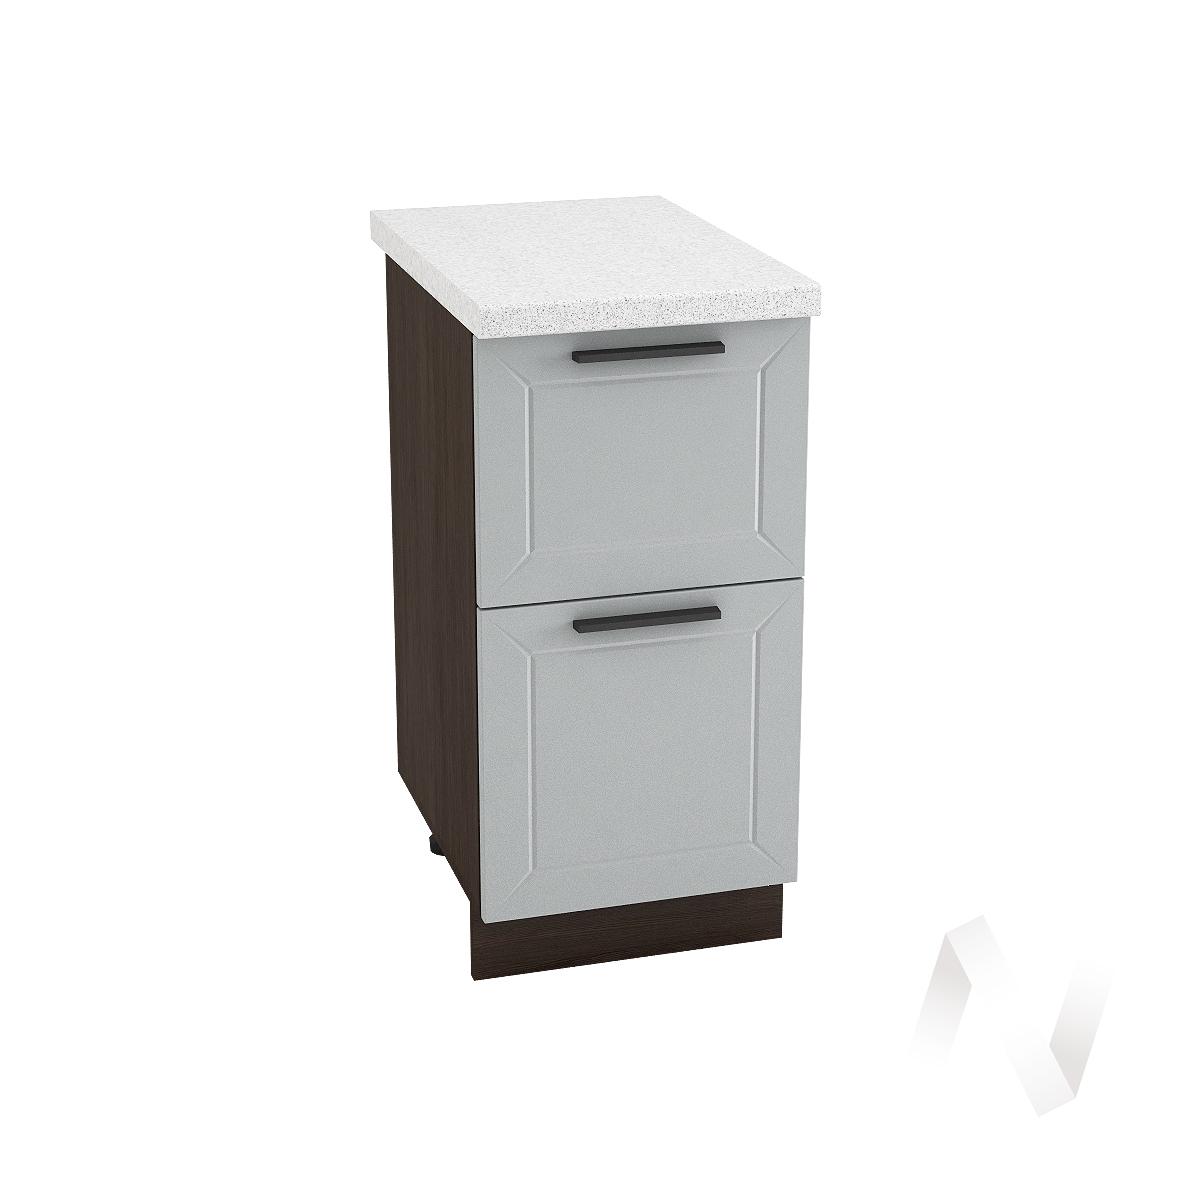 """Кухня """"Глетчер"""": Шкаф нижний с 2-мя ящиками 400, ШН2Я 400 (Гейнсборо Силк/корпус венге)"""